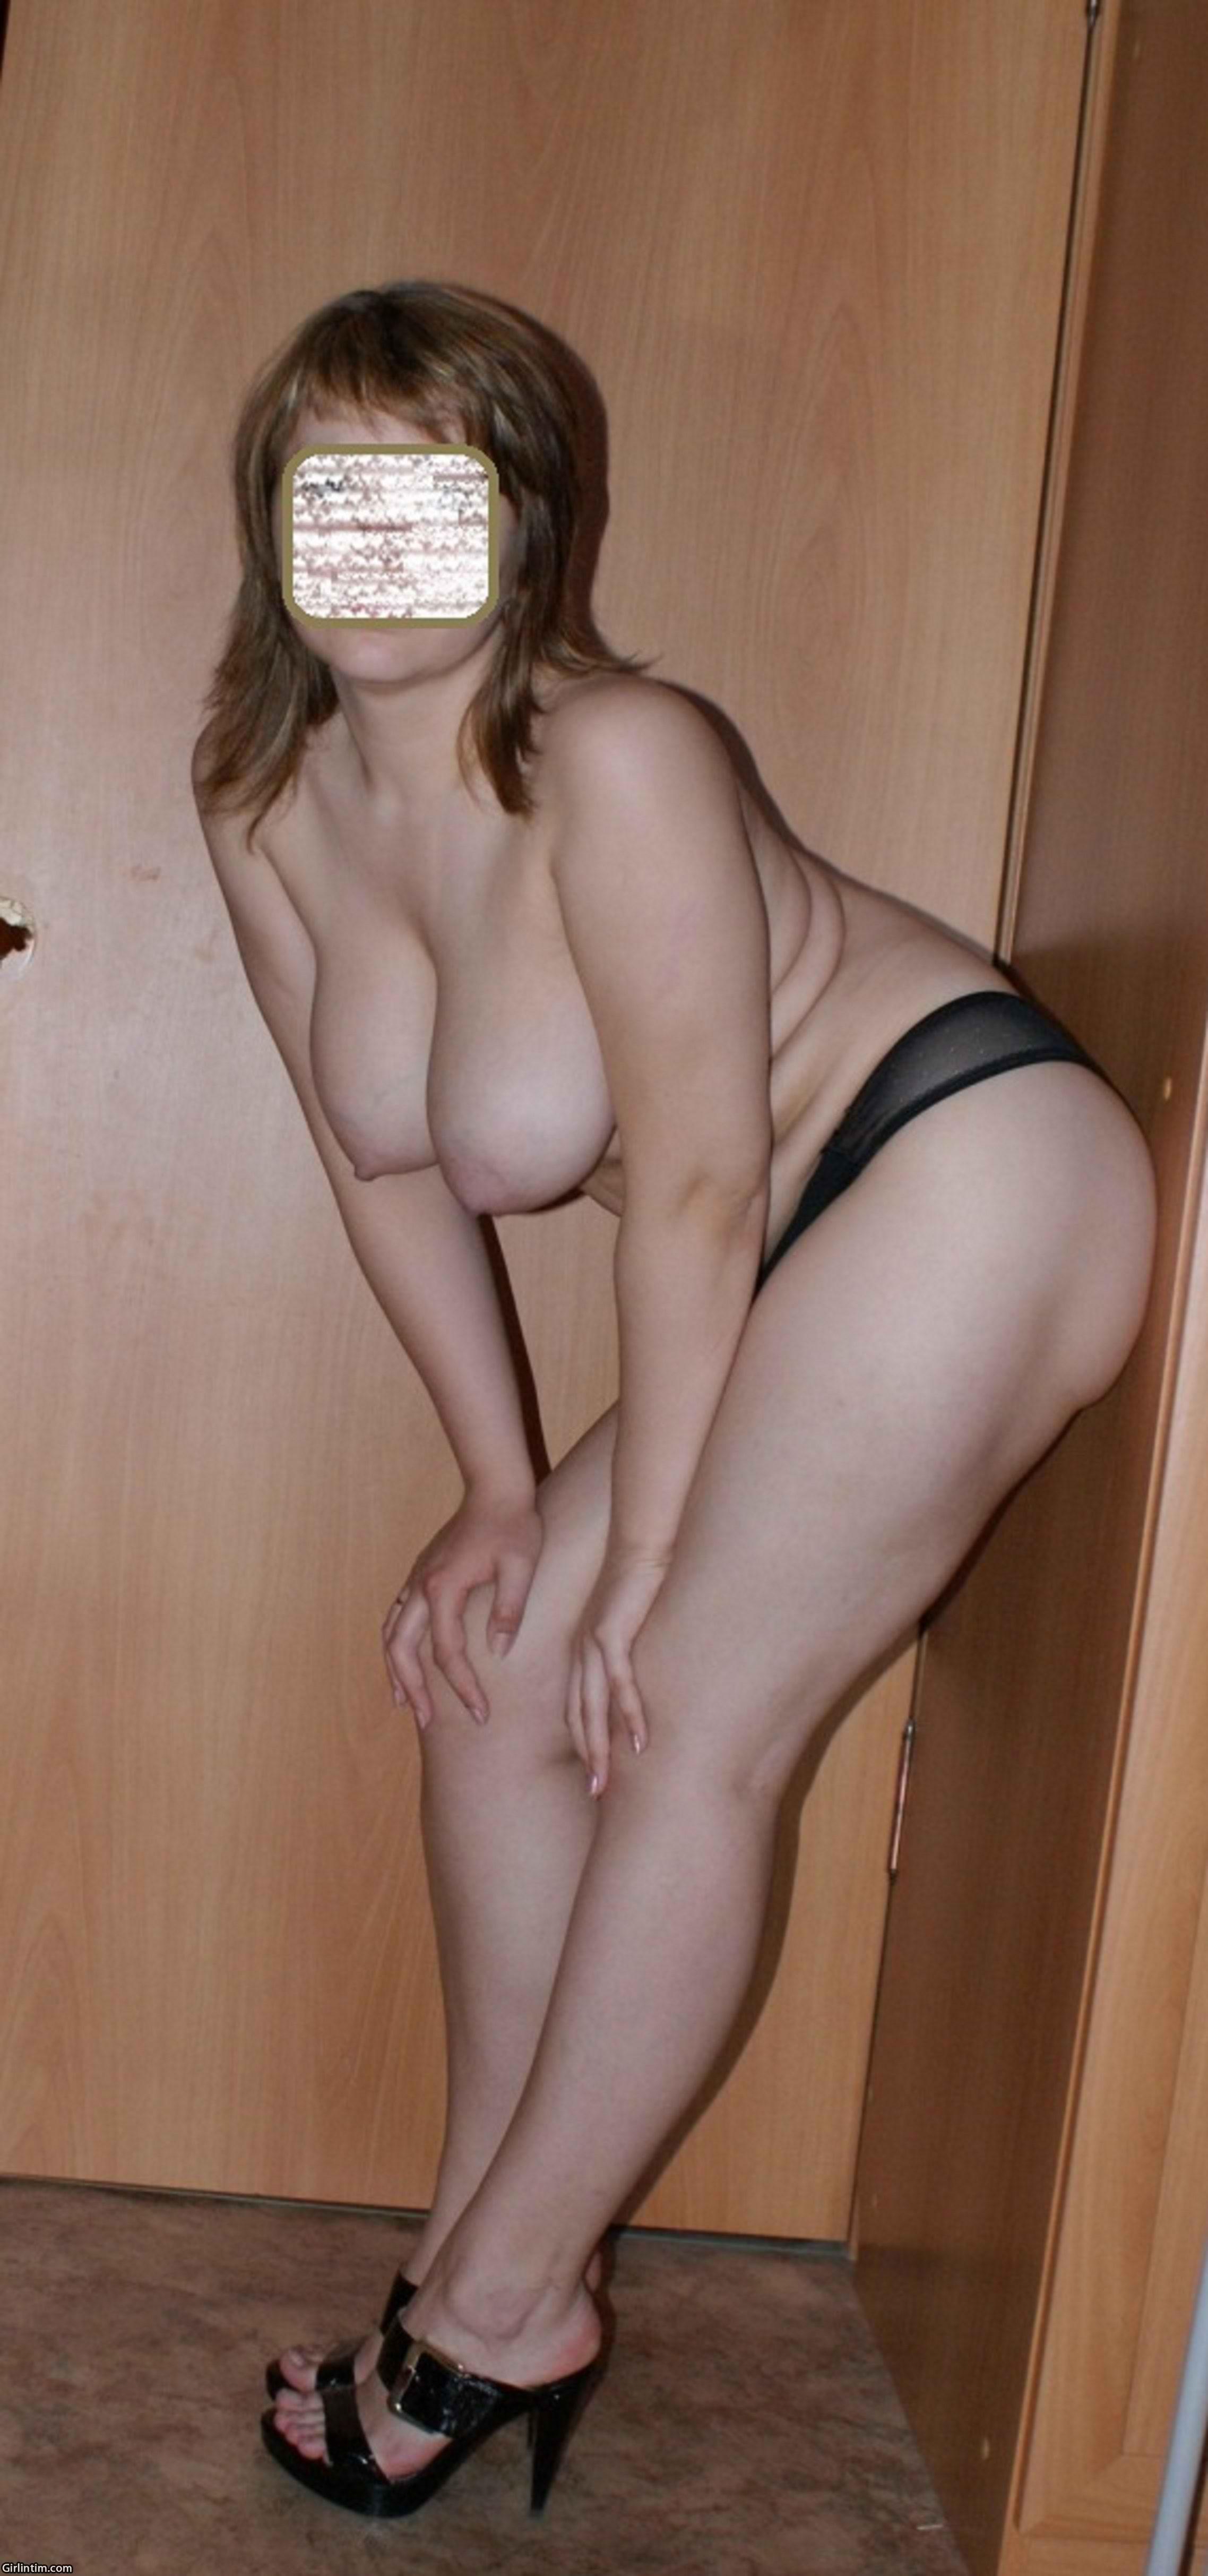 лучшие проститутки нижнего с проверенными фото